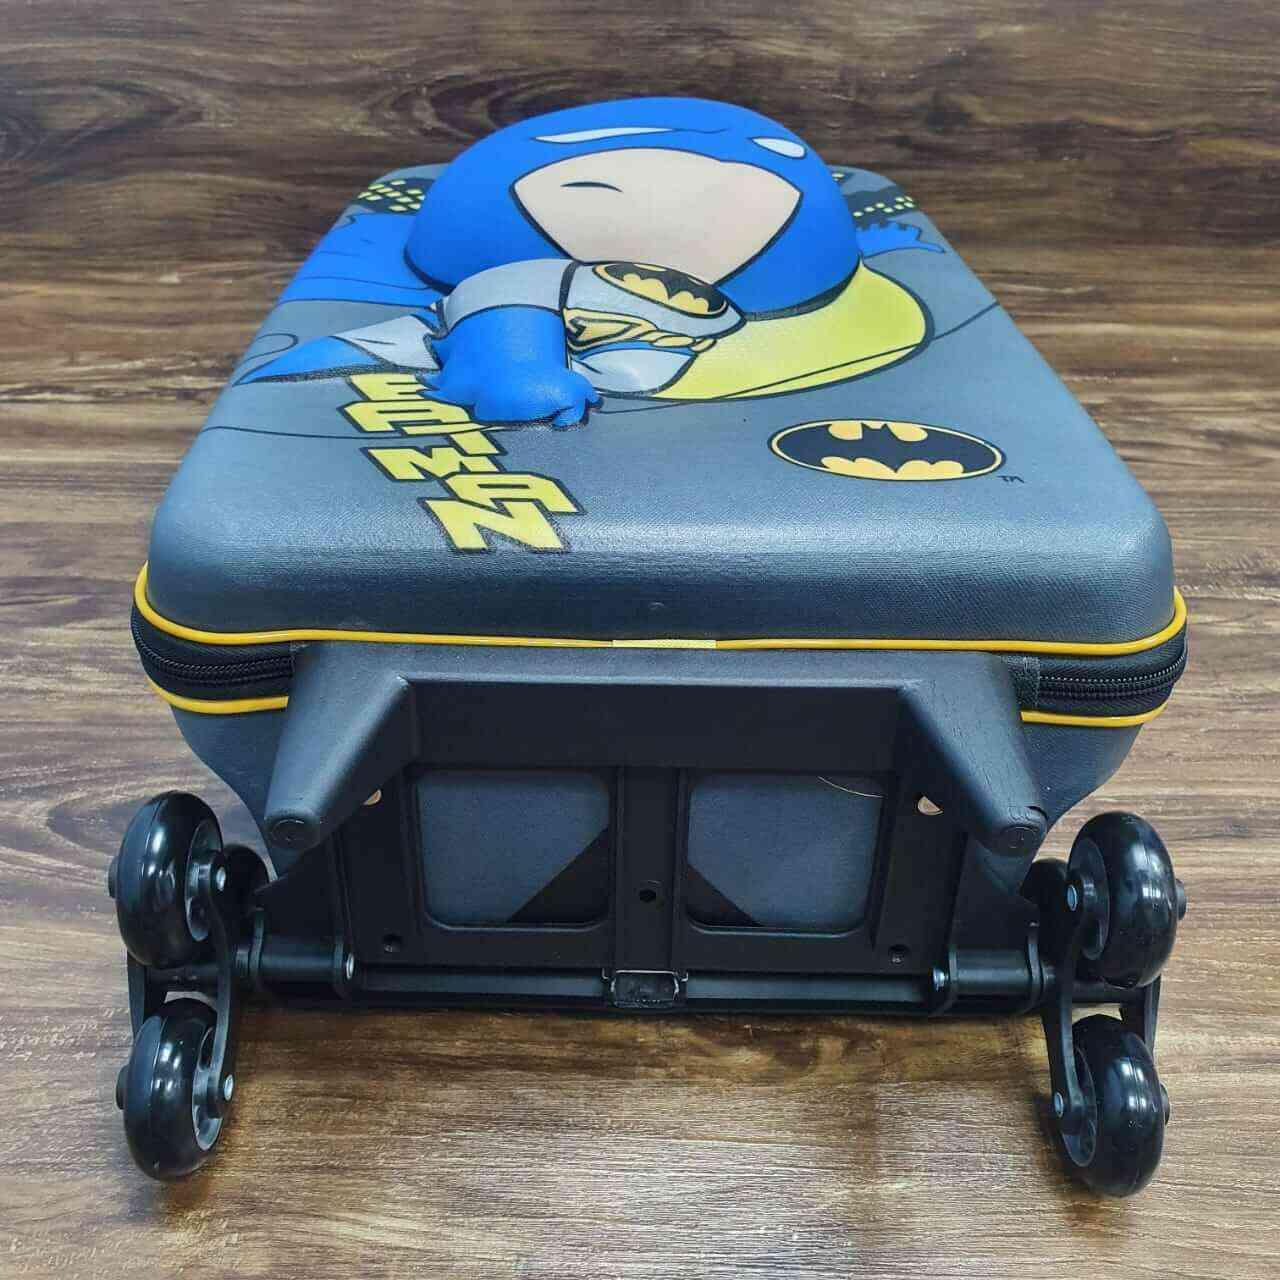 Mochila 3D com Rodinhase Super Friends Batman Infantil